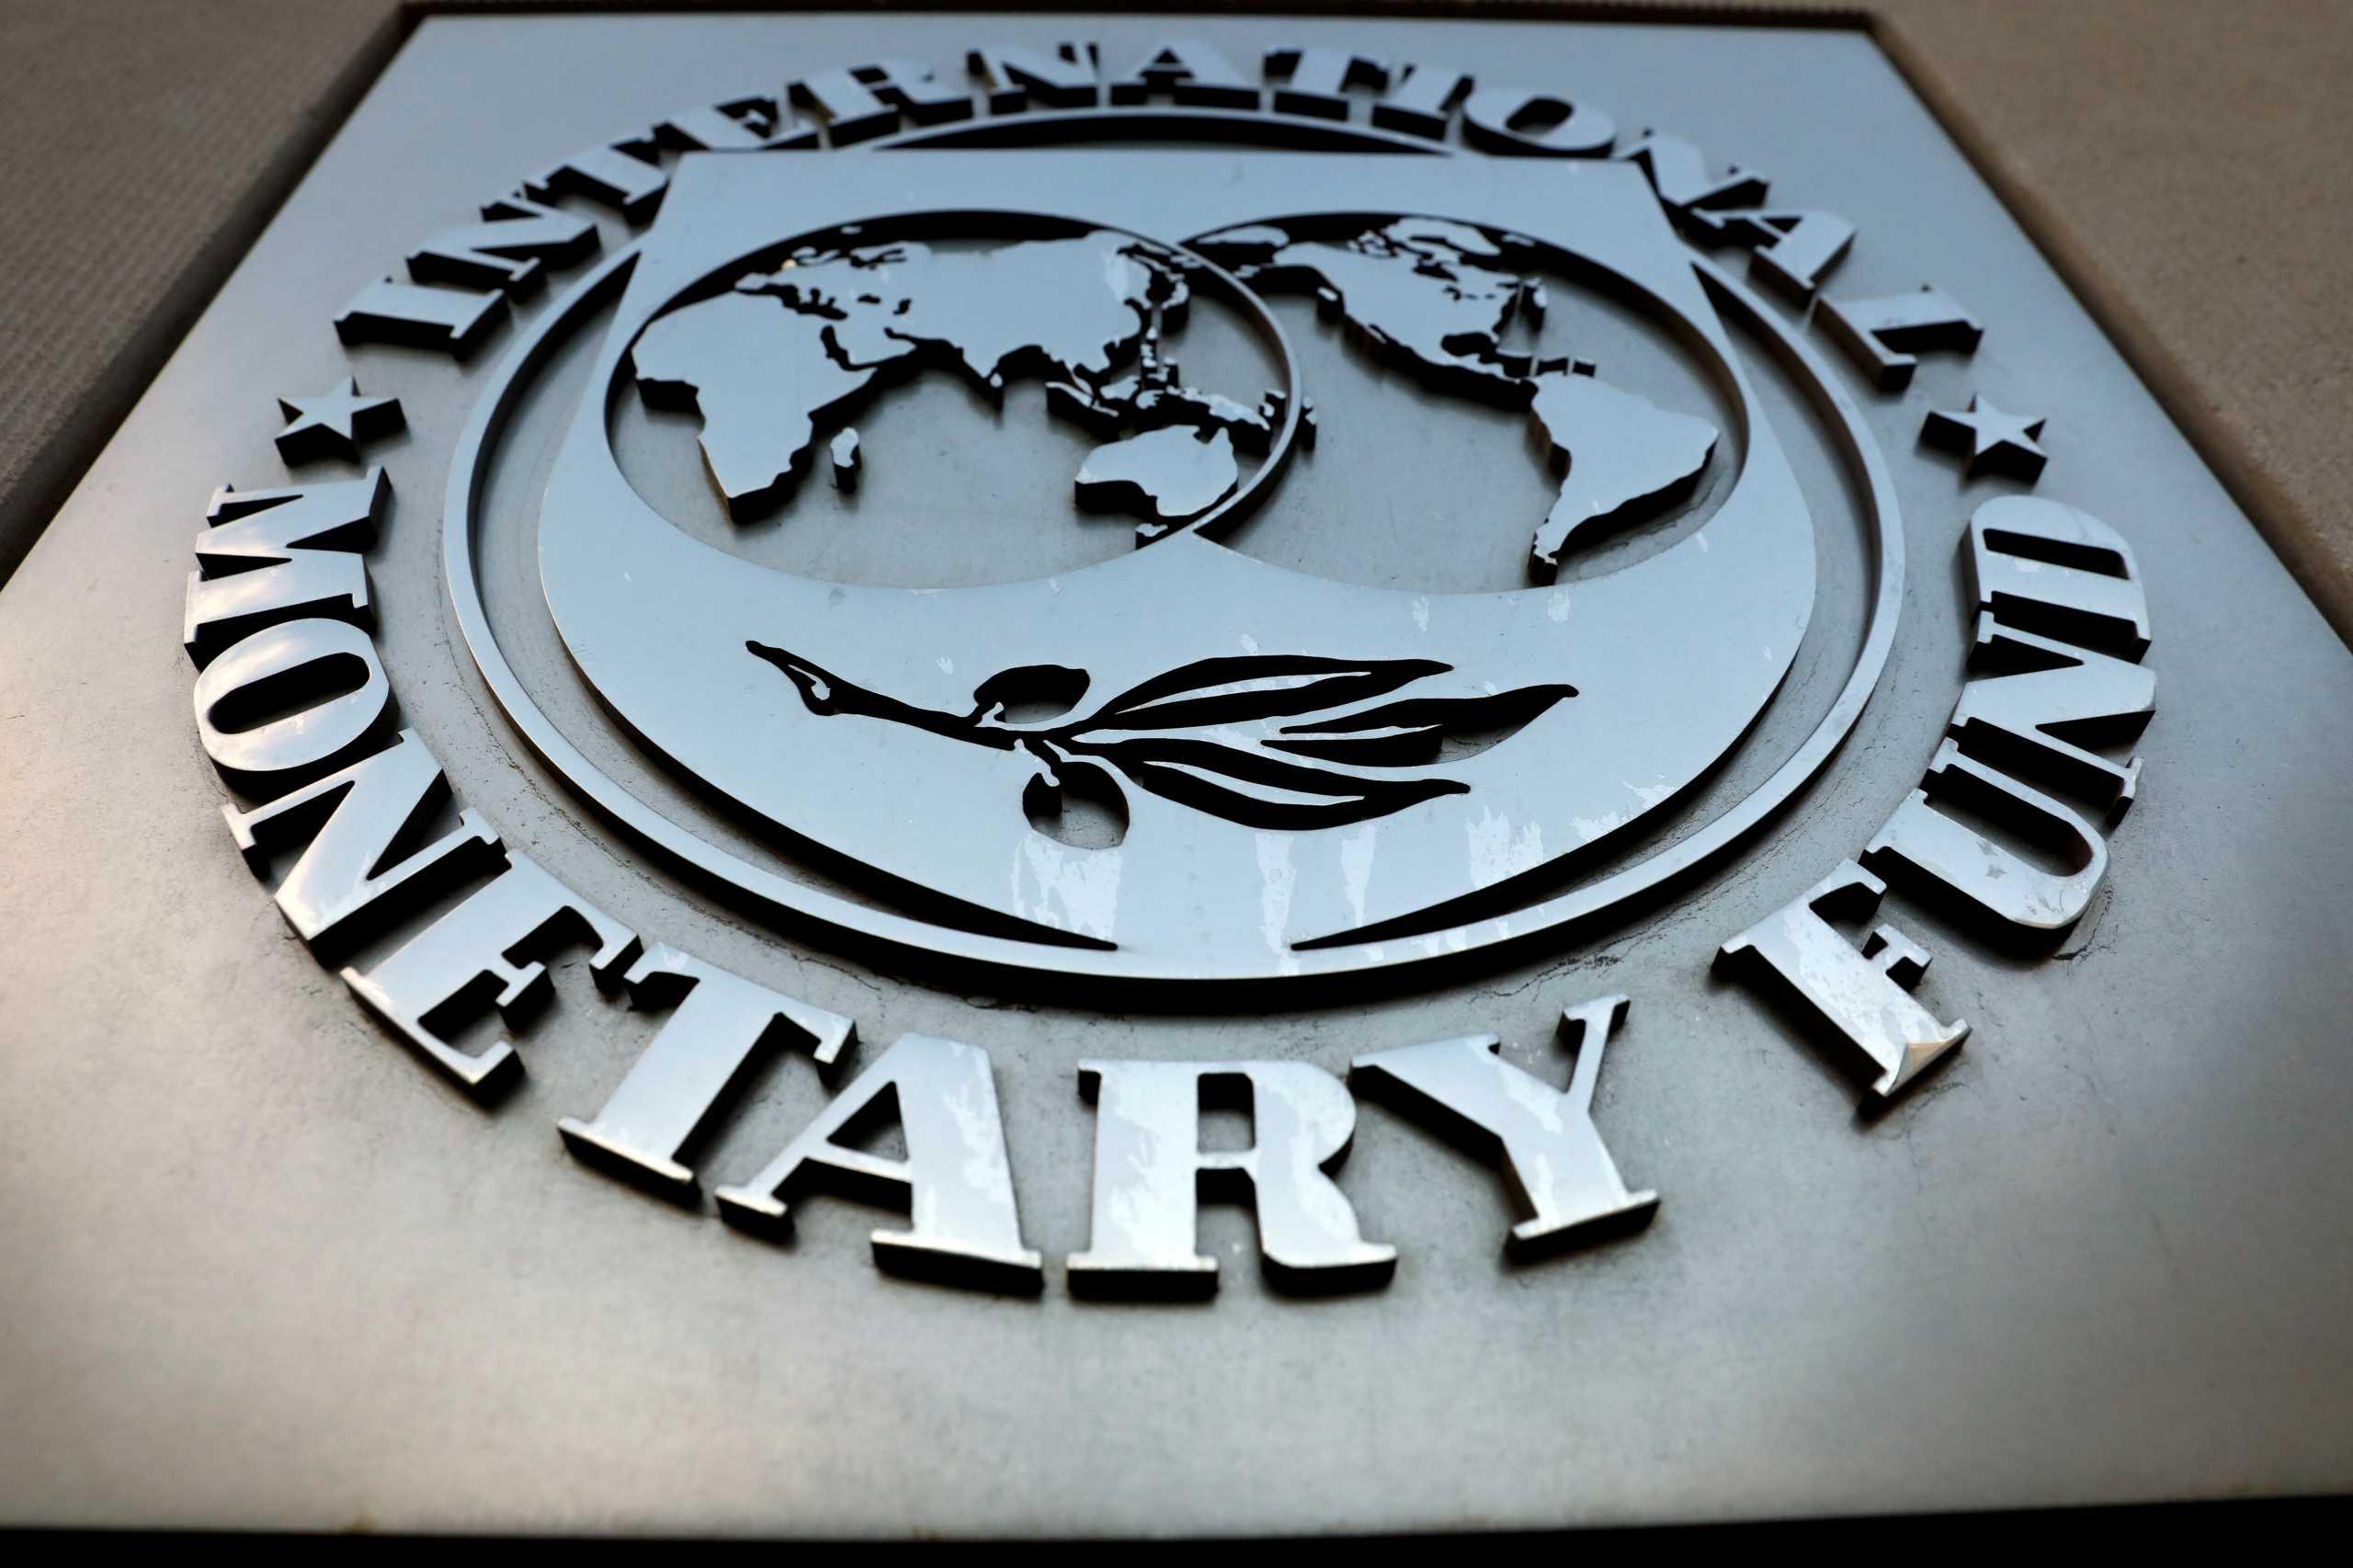 Ισπανία: Με κάθειρξη 70 ετών απειλείται ο πρώην διευθυντής του ΔΝΤ